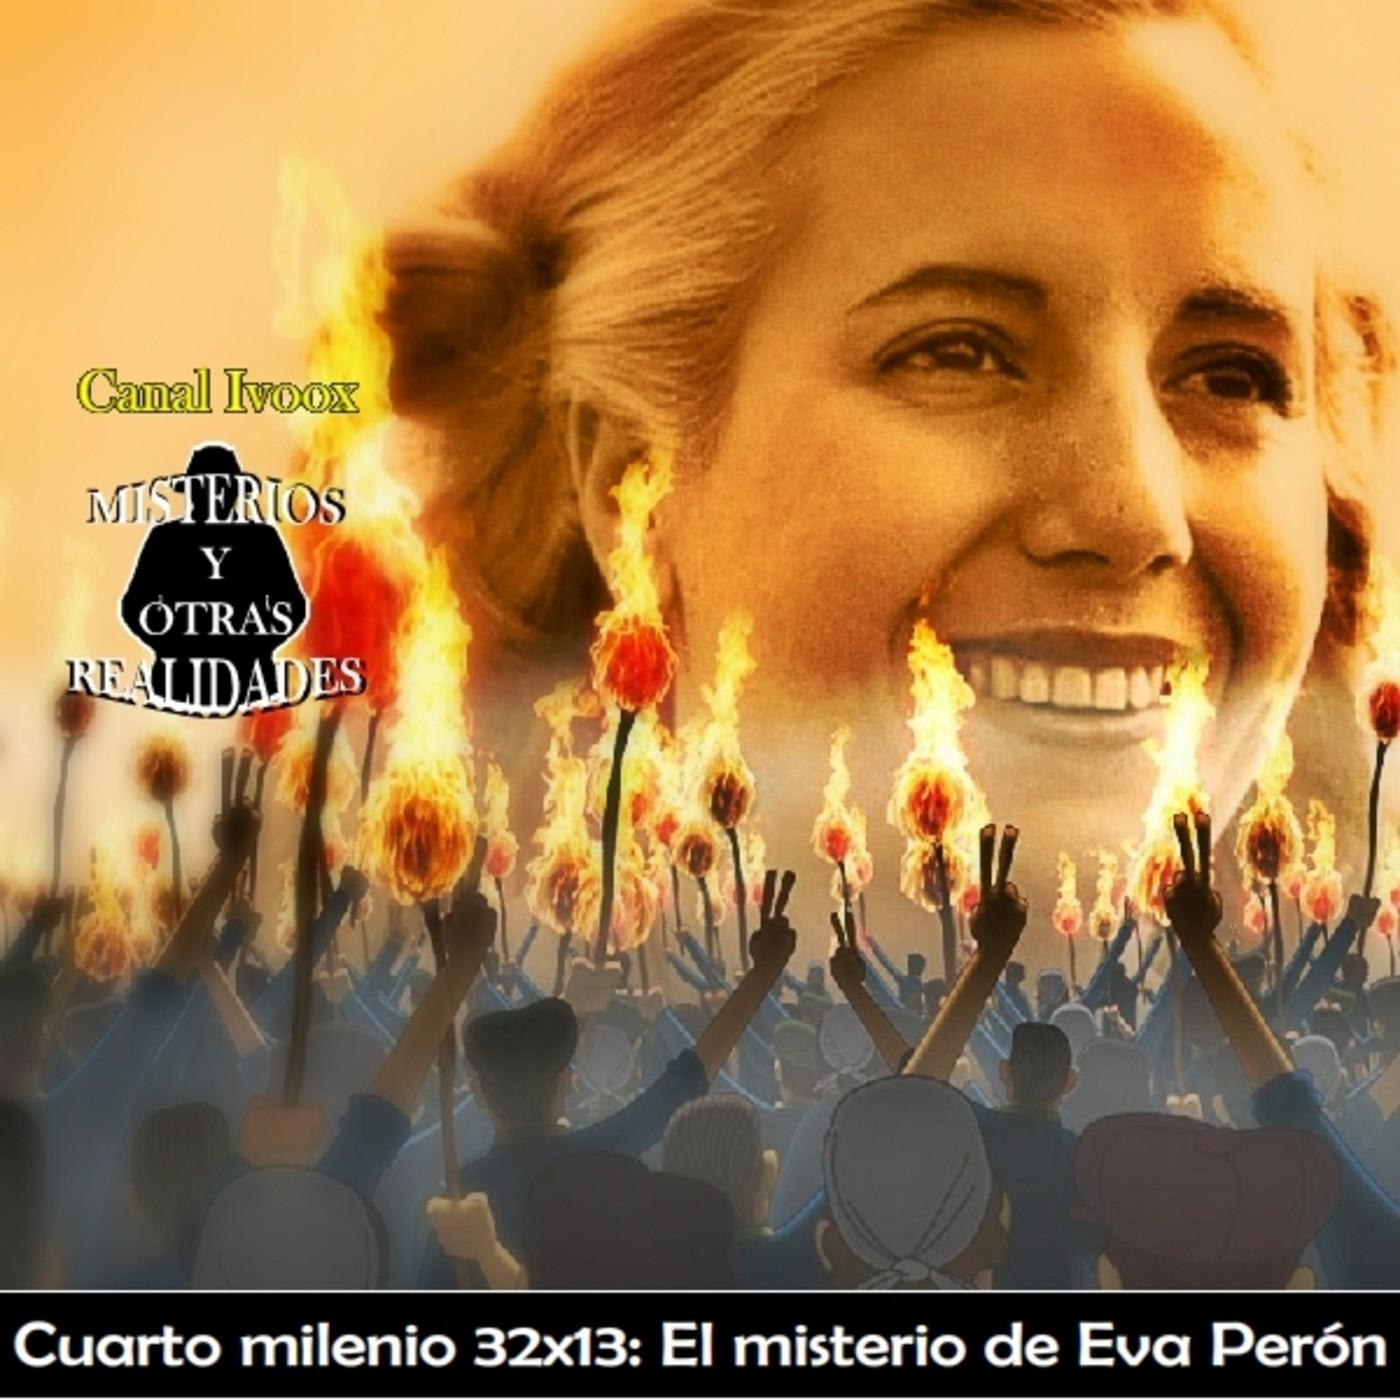 Cuarto milenio (22/4/2018) 32x13: El misterio de Eva Perón \'una ...